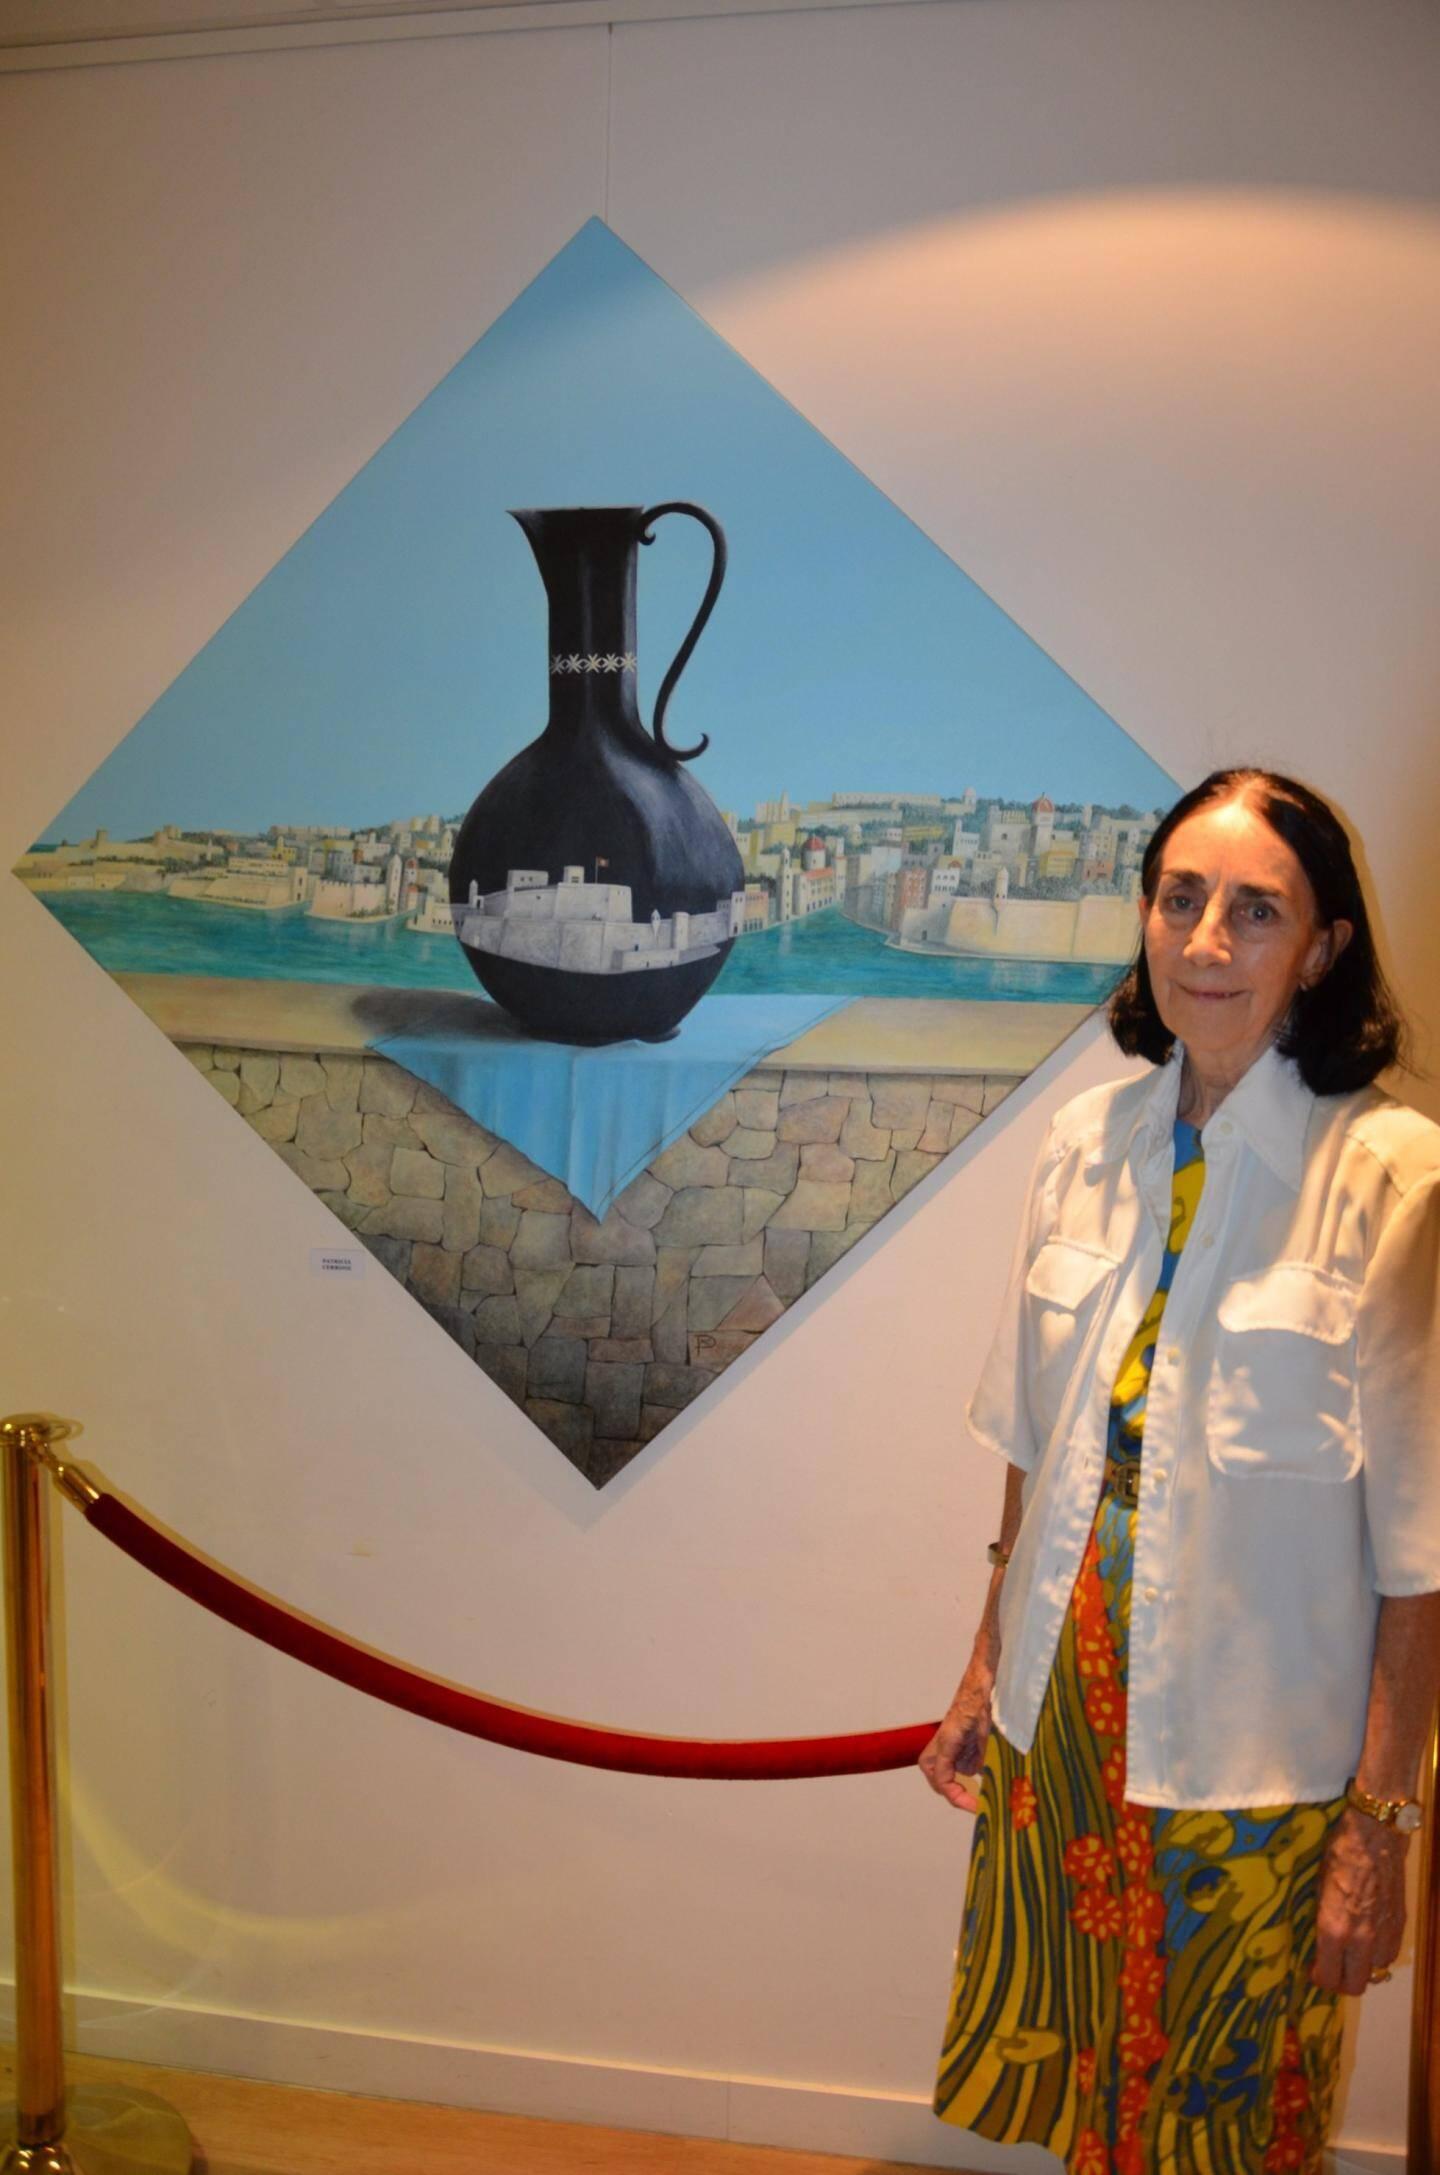 Devant son œuvre, magnifique, Patricia Cerrone, résidente monégasque, élève de longue date de Jean-Charles Grassi.